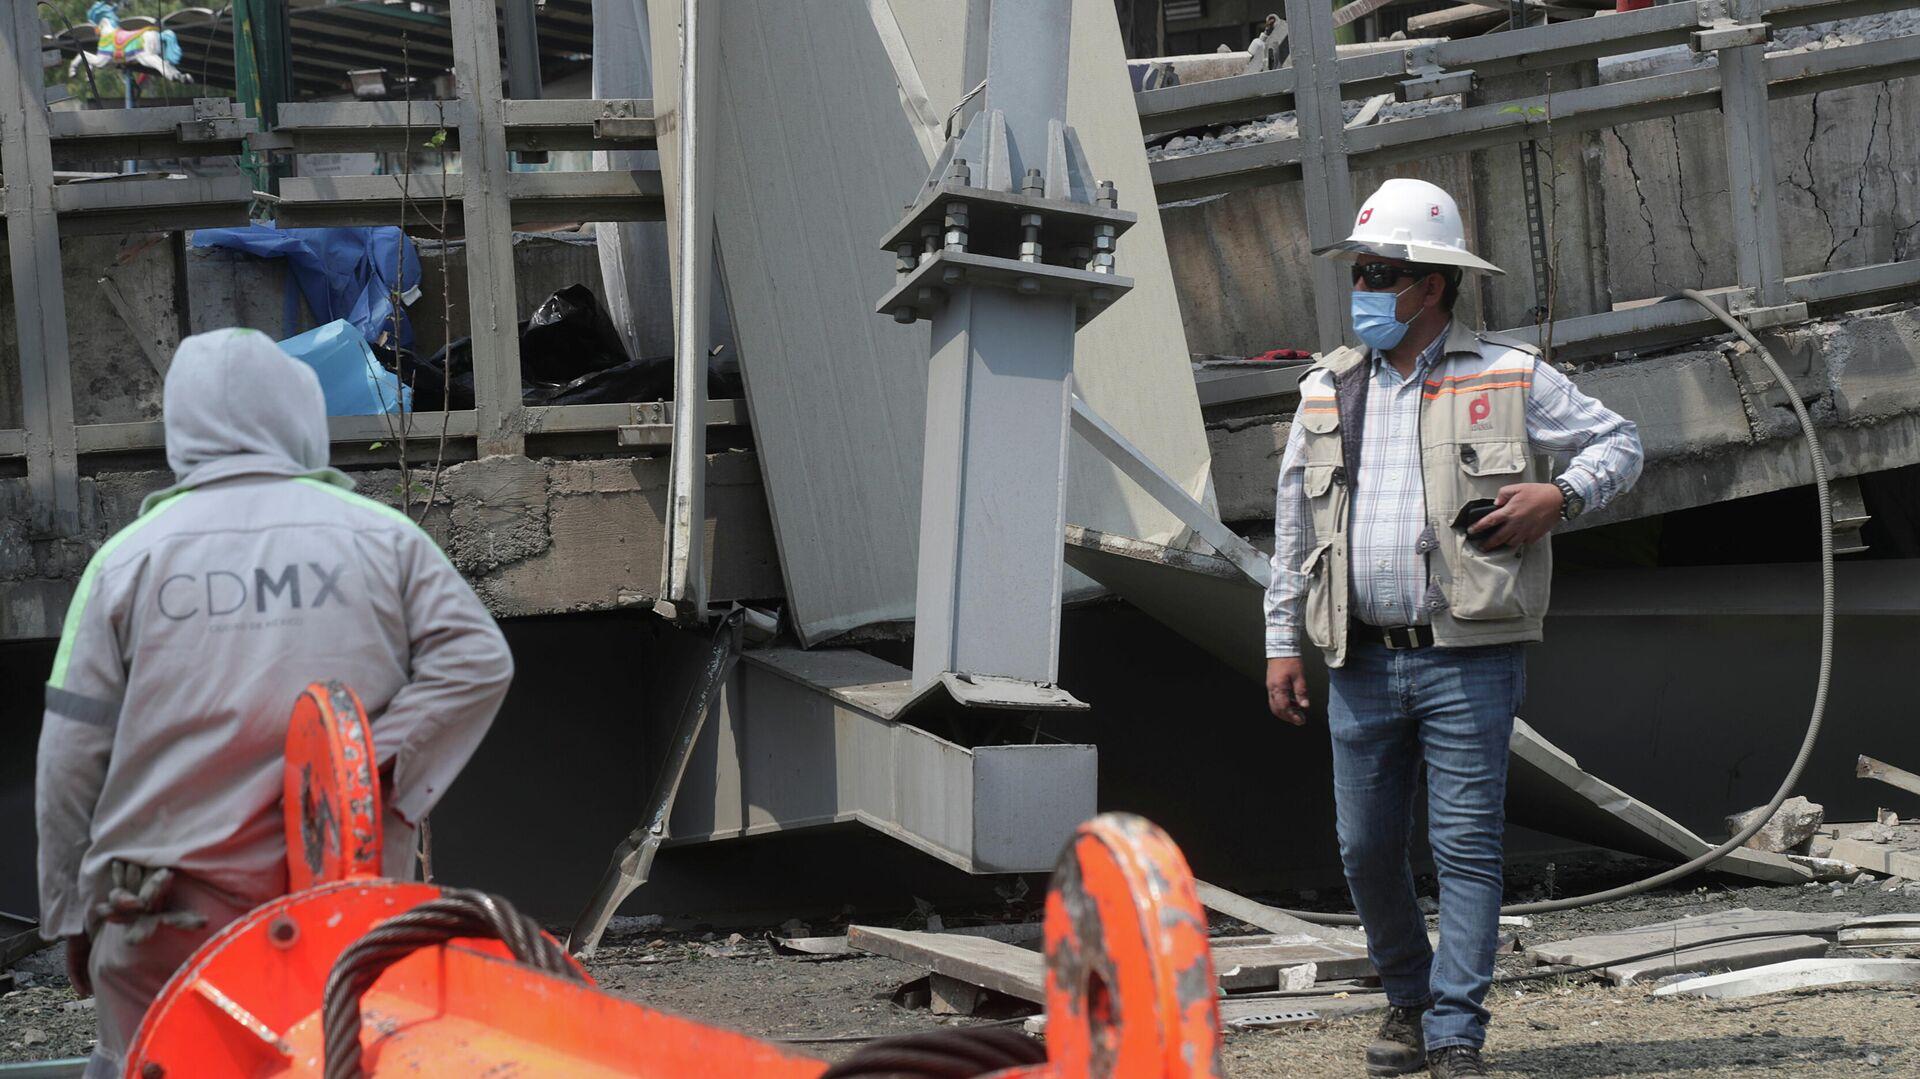 El derrumbe de un puente y un tren de la Línea 12 del Metro de la Ciudad de México - Sputnik Mundo, 1920, 06.05.2021